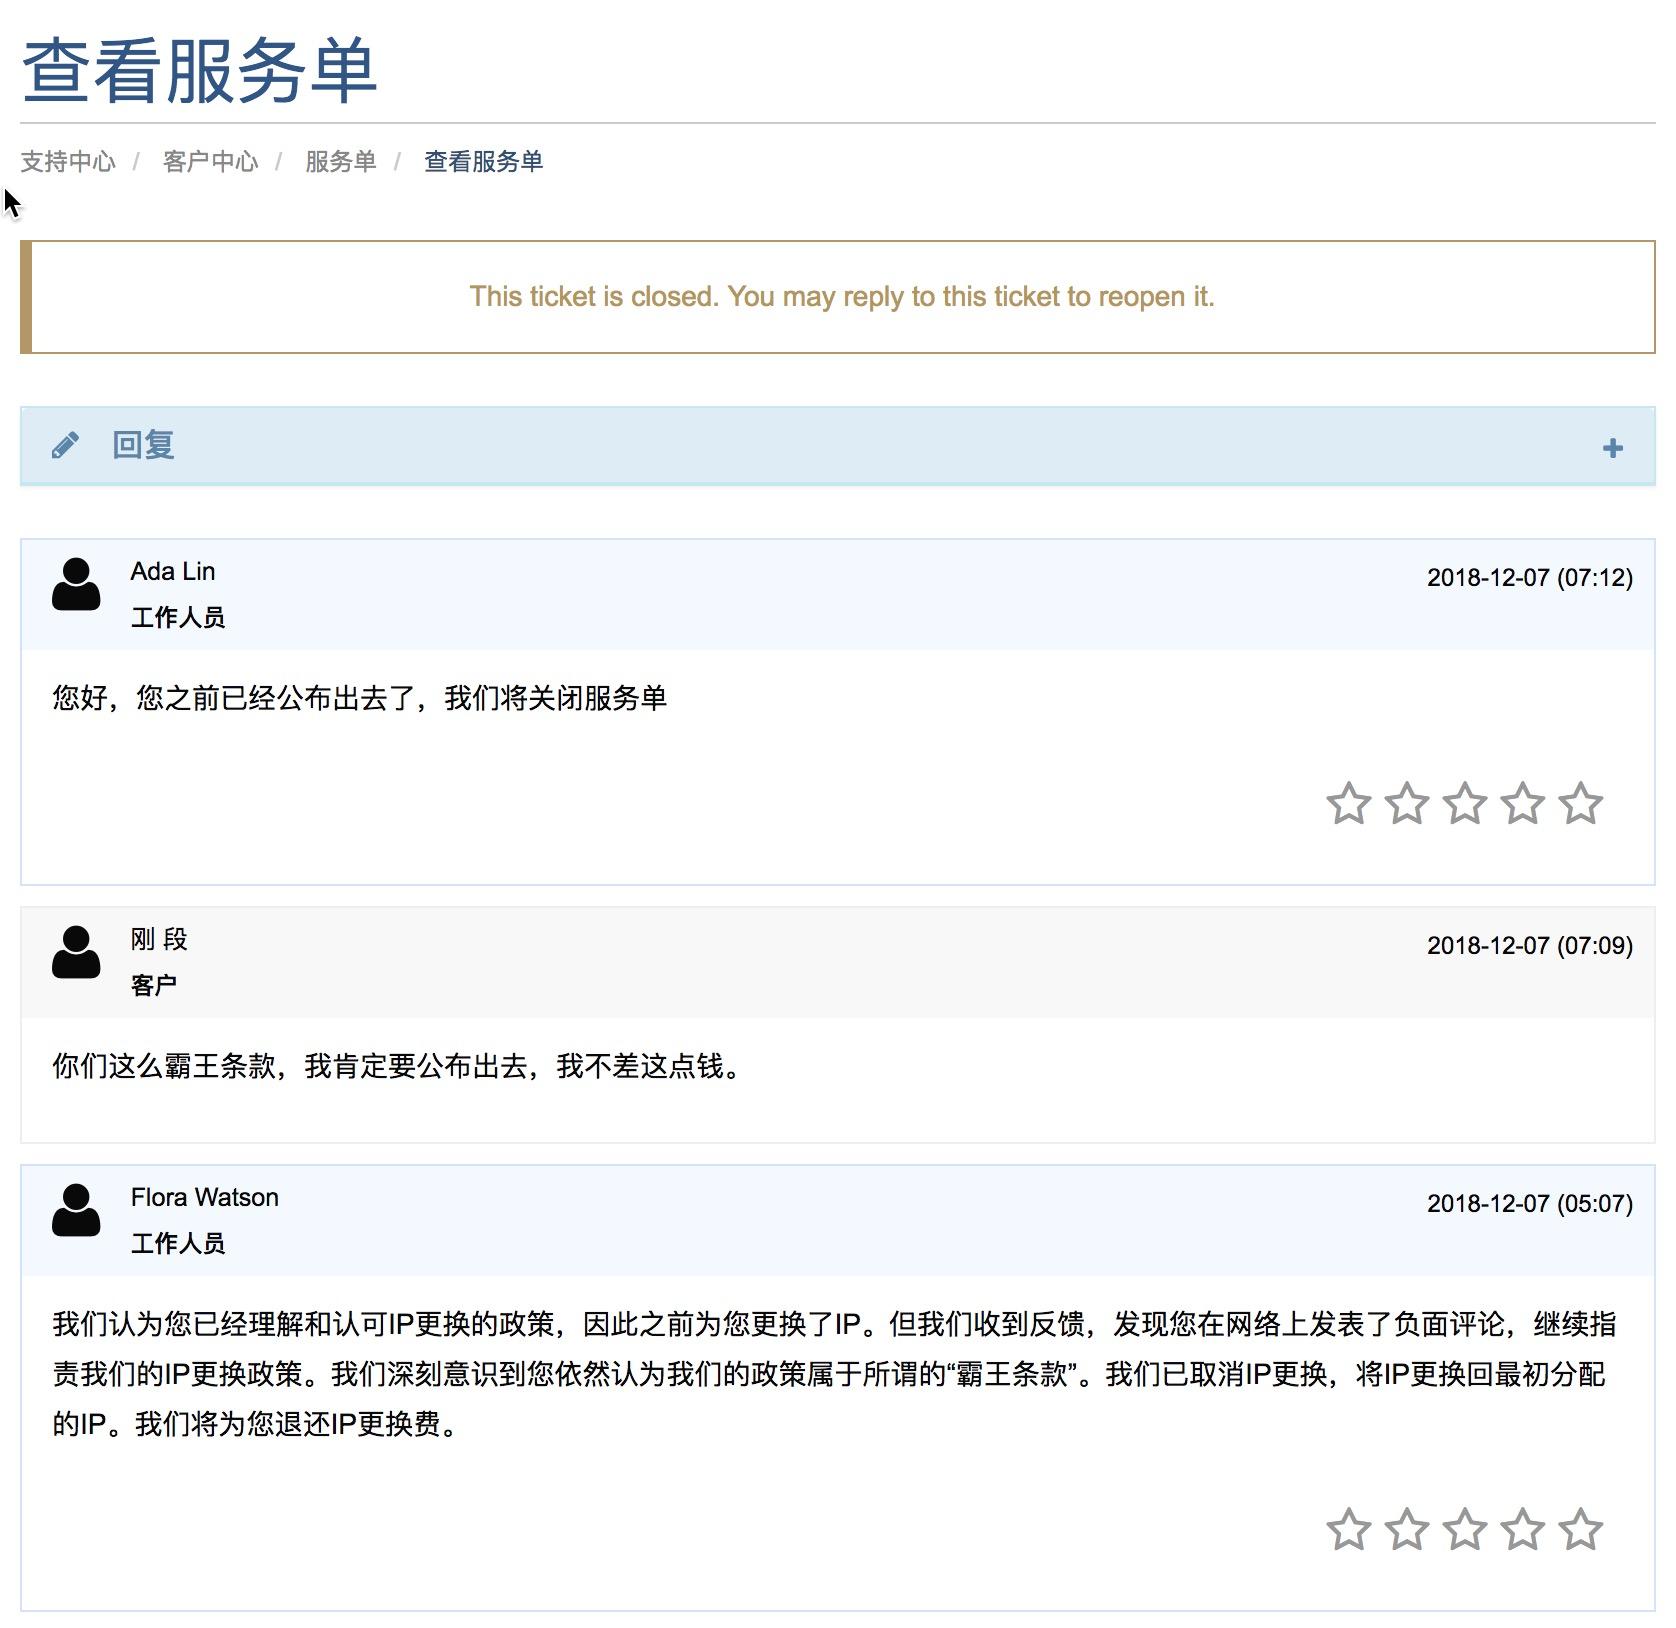 羊毛党之家 sugarhosts.com好用吗?垃圾吗?口碑信息评测测评 https://yangmaodang.org